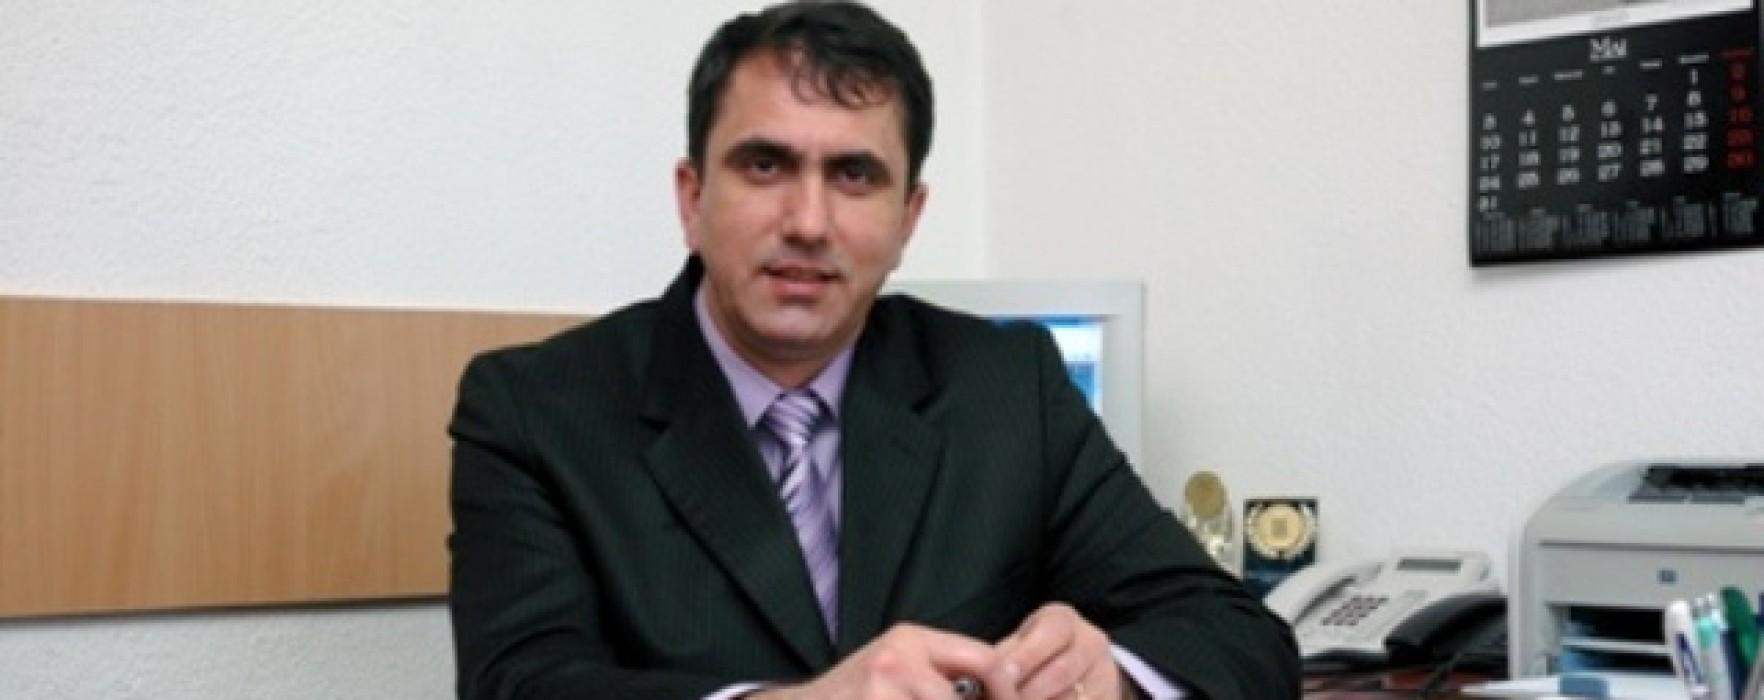 Danil Zepişi a câştigat concursul de şef al Poliţiei Dâmboviţa